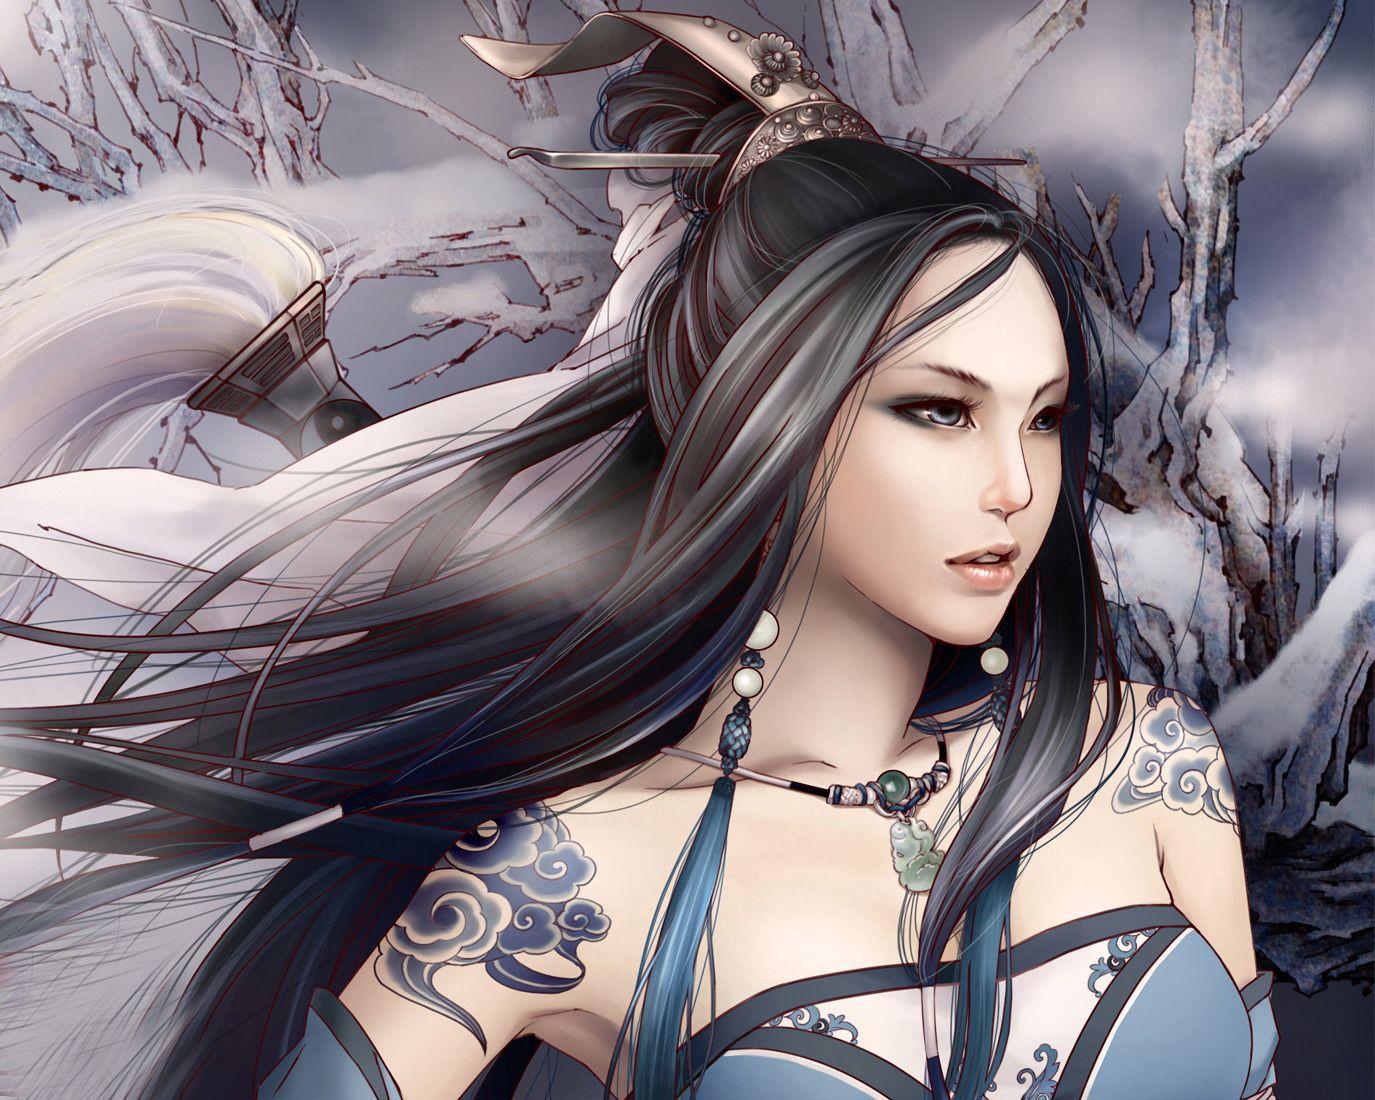 Anime Chinese Warrior Full Hd Anime Beauty Girl Warrior Wallpaper